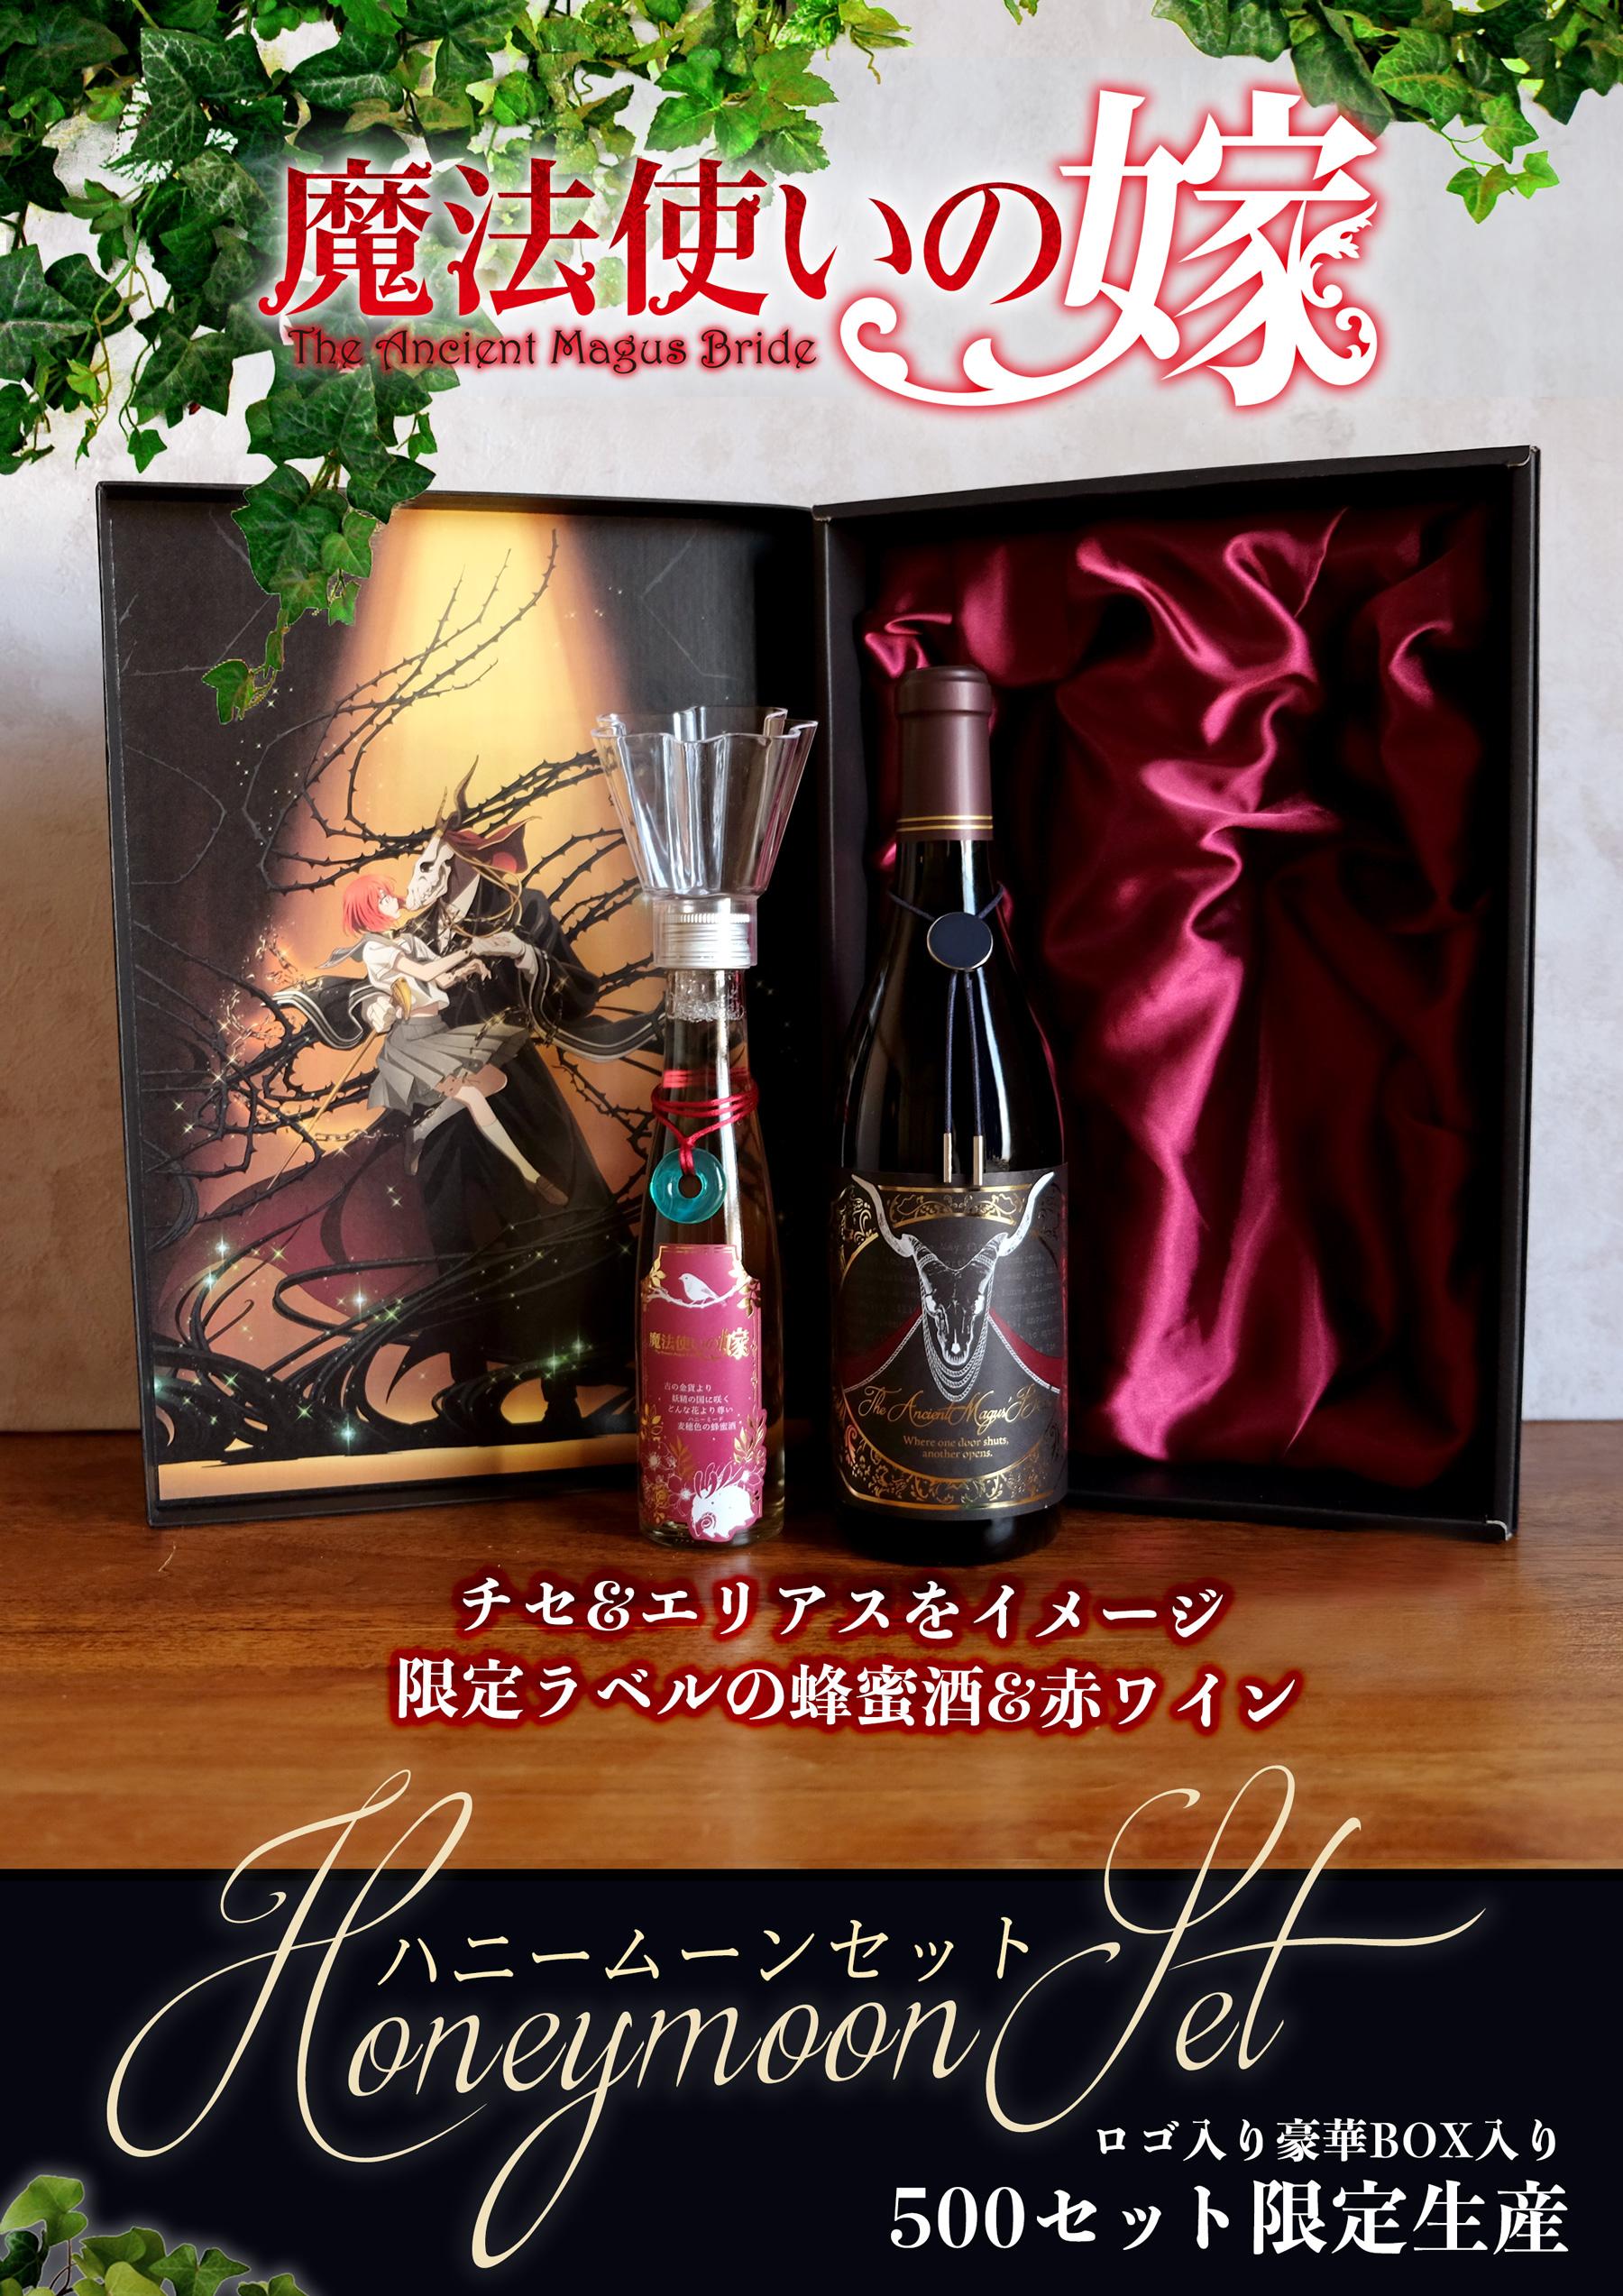 【数量限定】「魔法使いの嫁」ハニームーンセット公式オリジナル商品国産蜂蜜酒国産赤ワインミニアクセサリー限定BOX付チセエリアス